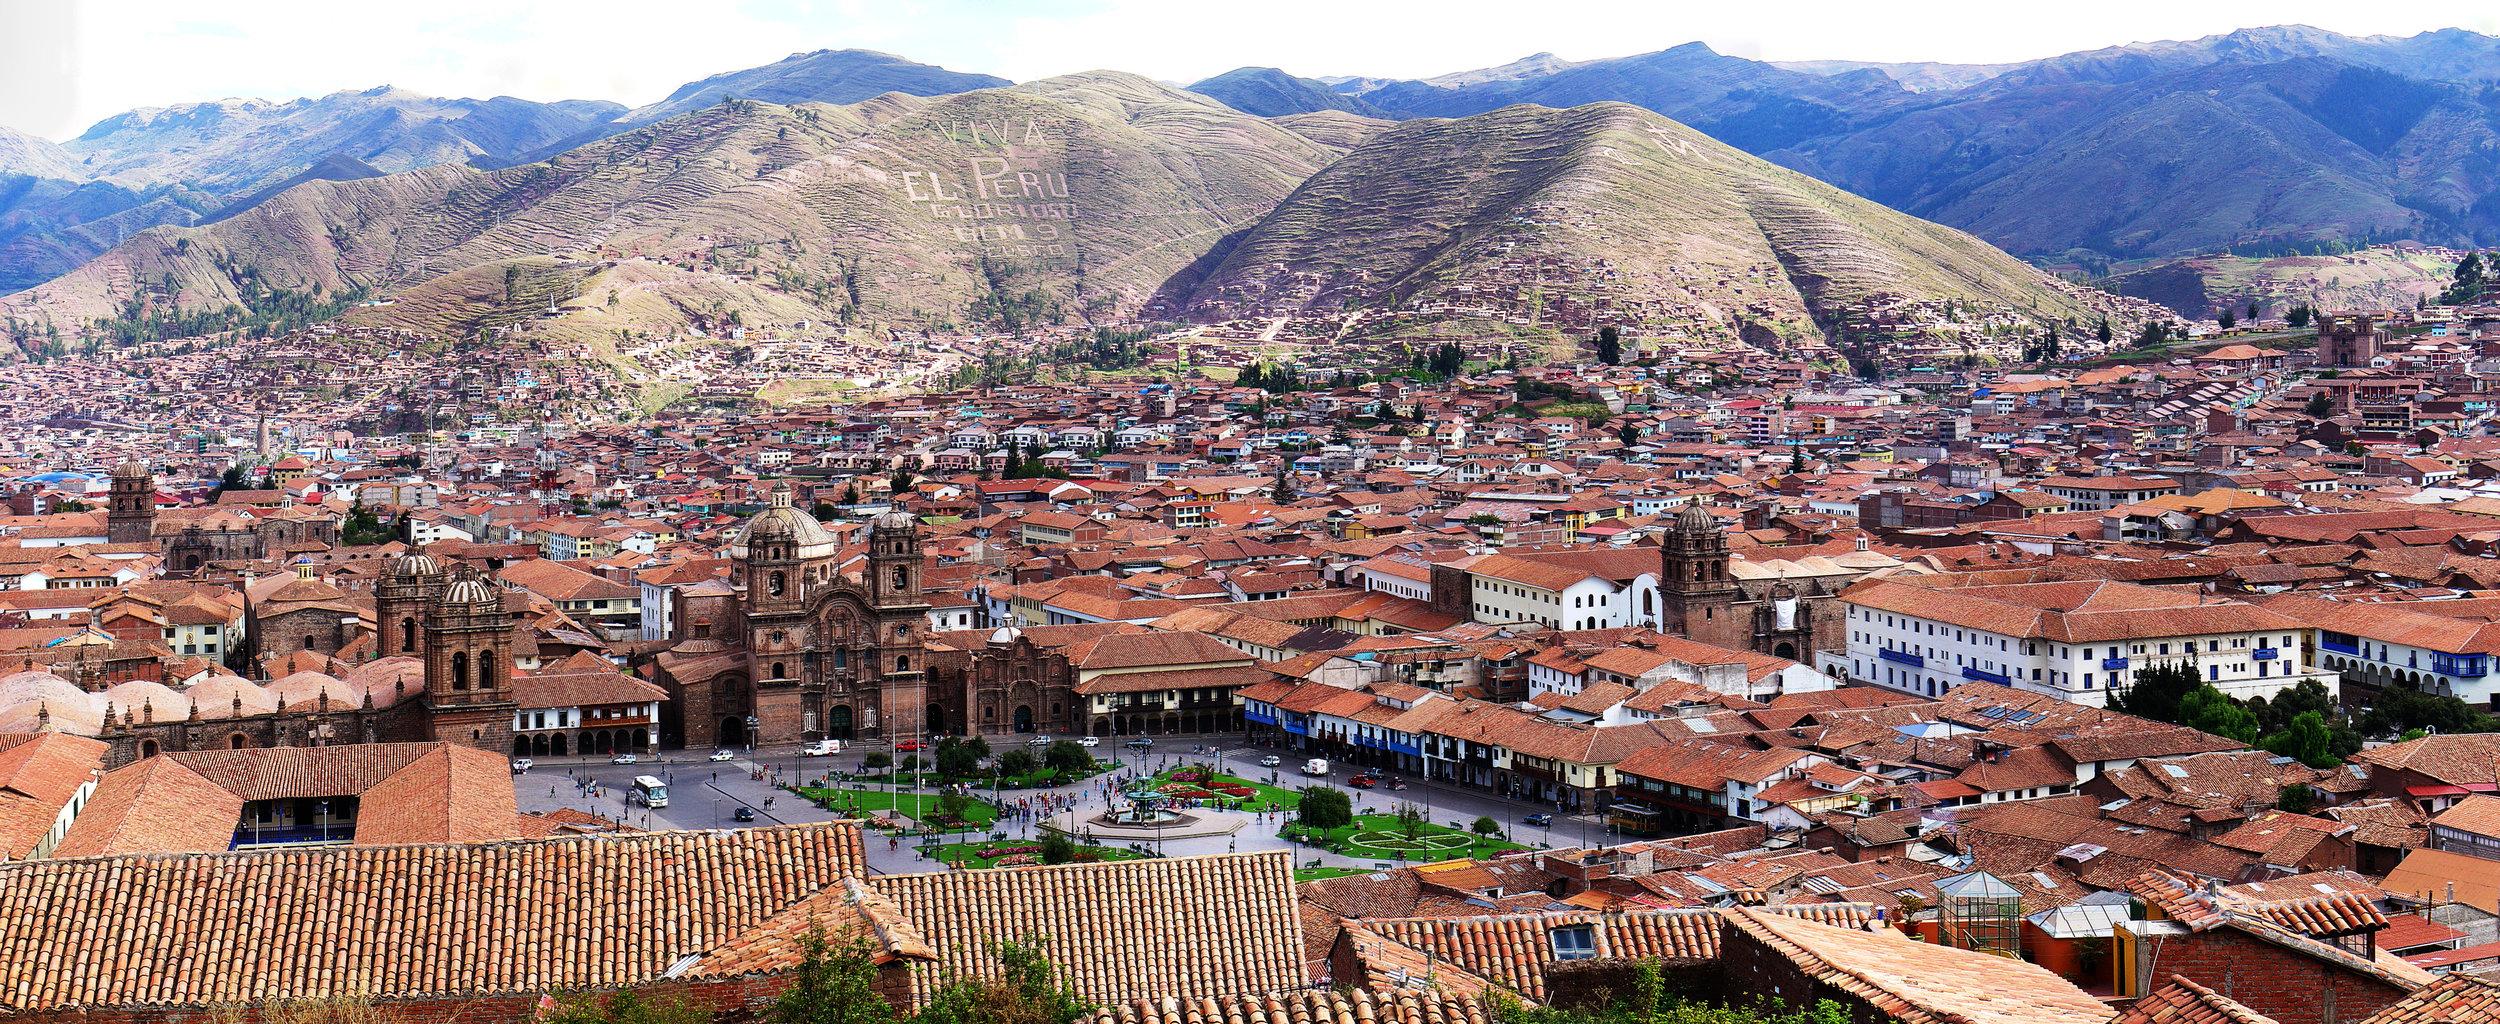 Cuzco_Décembre_2007_-_Panorama_1.jpg